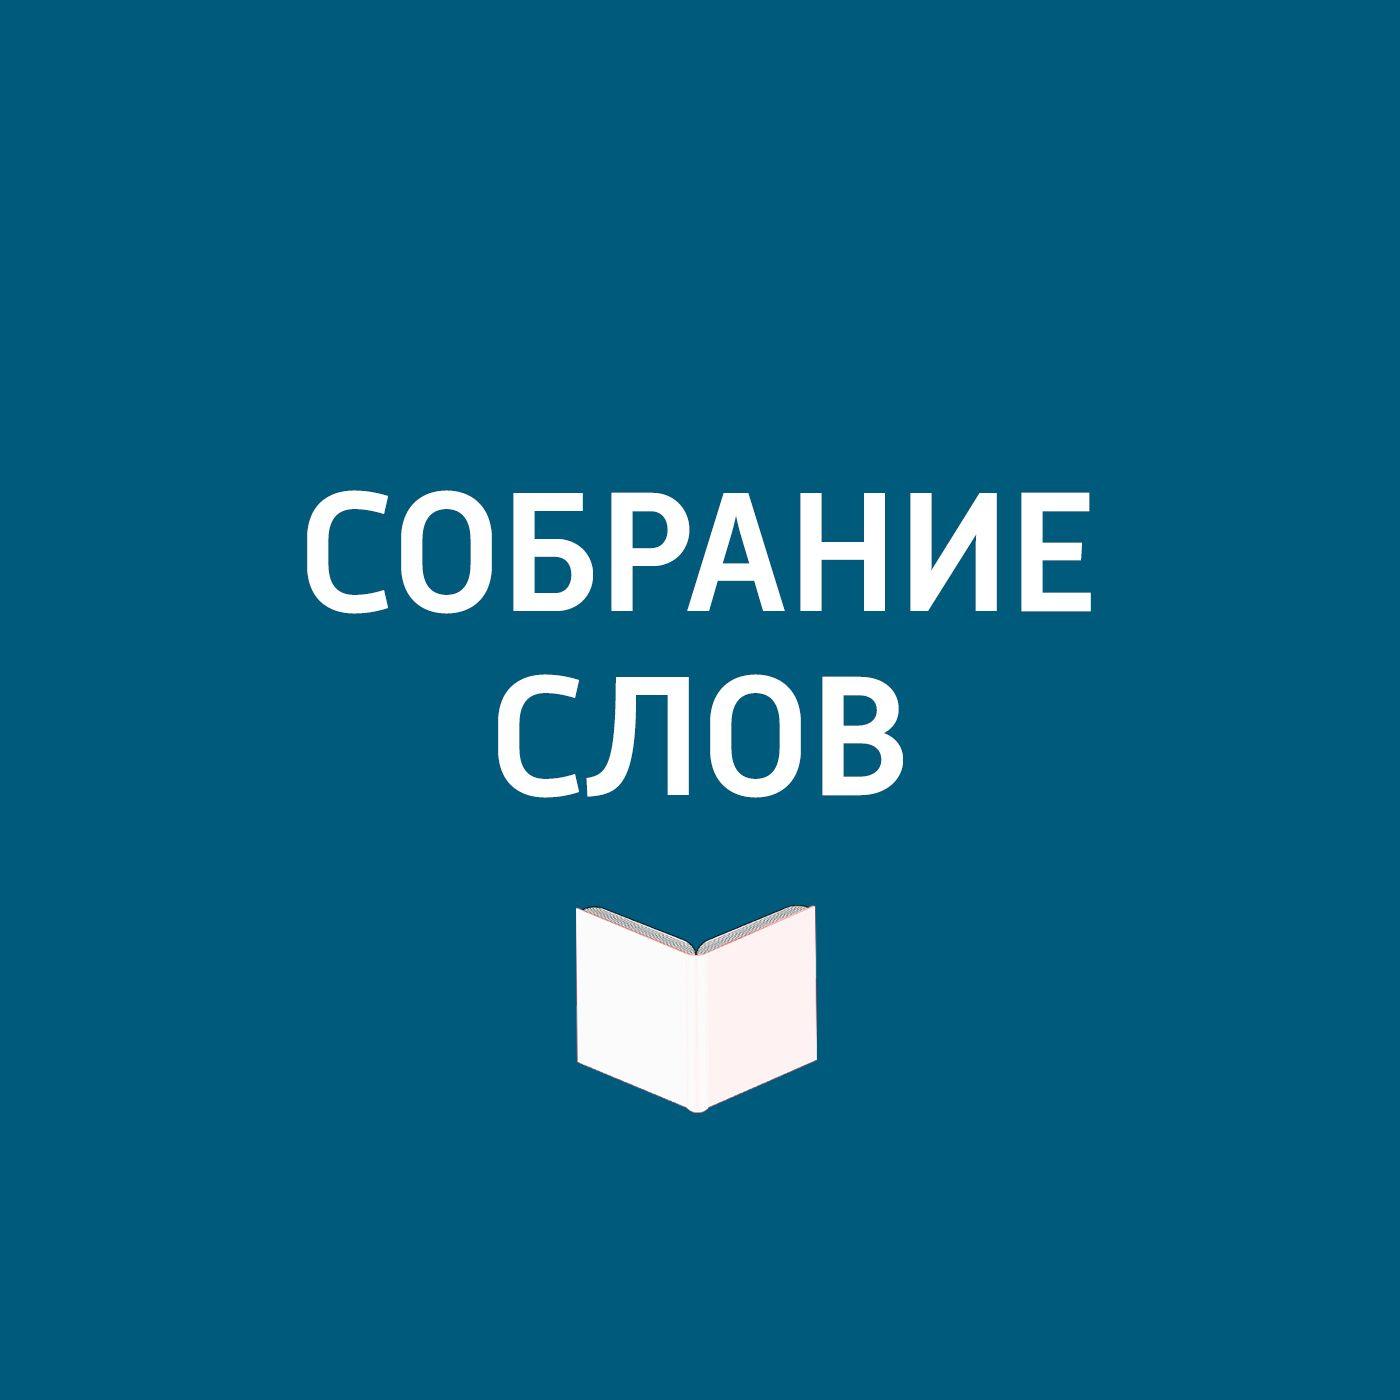 Творческий коллектив программы «Собрание слов» Выставка «Илья Репин»